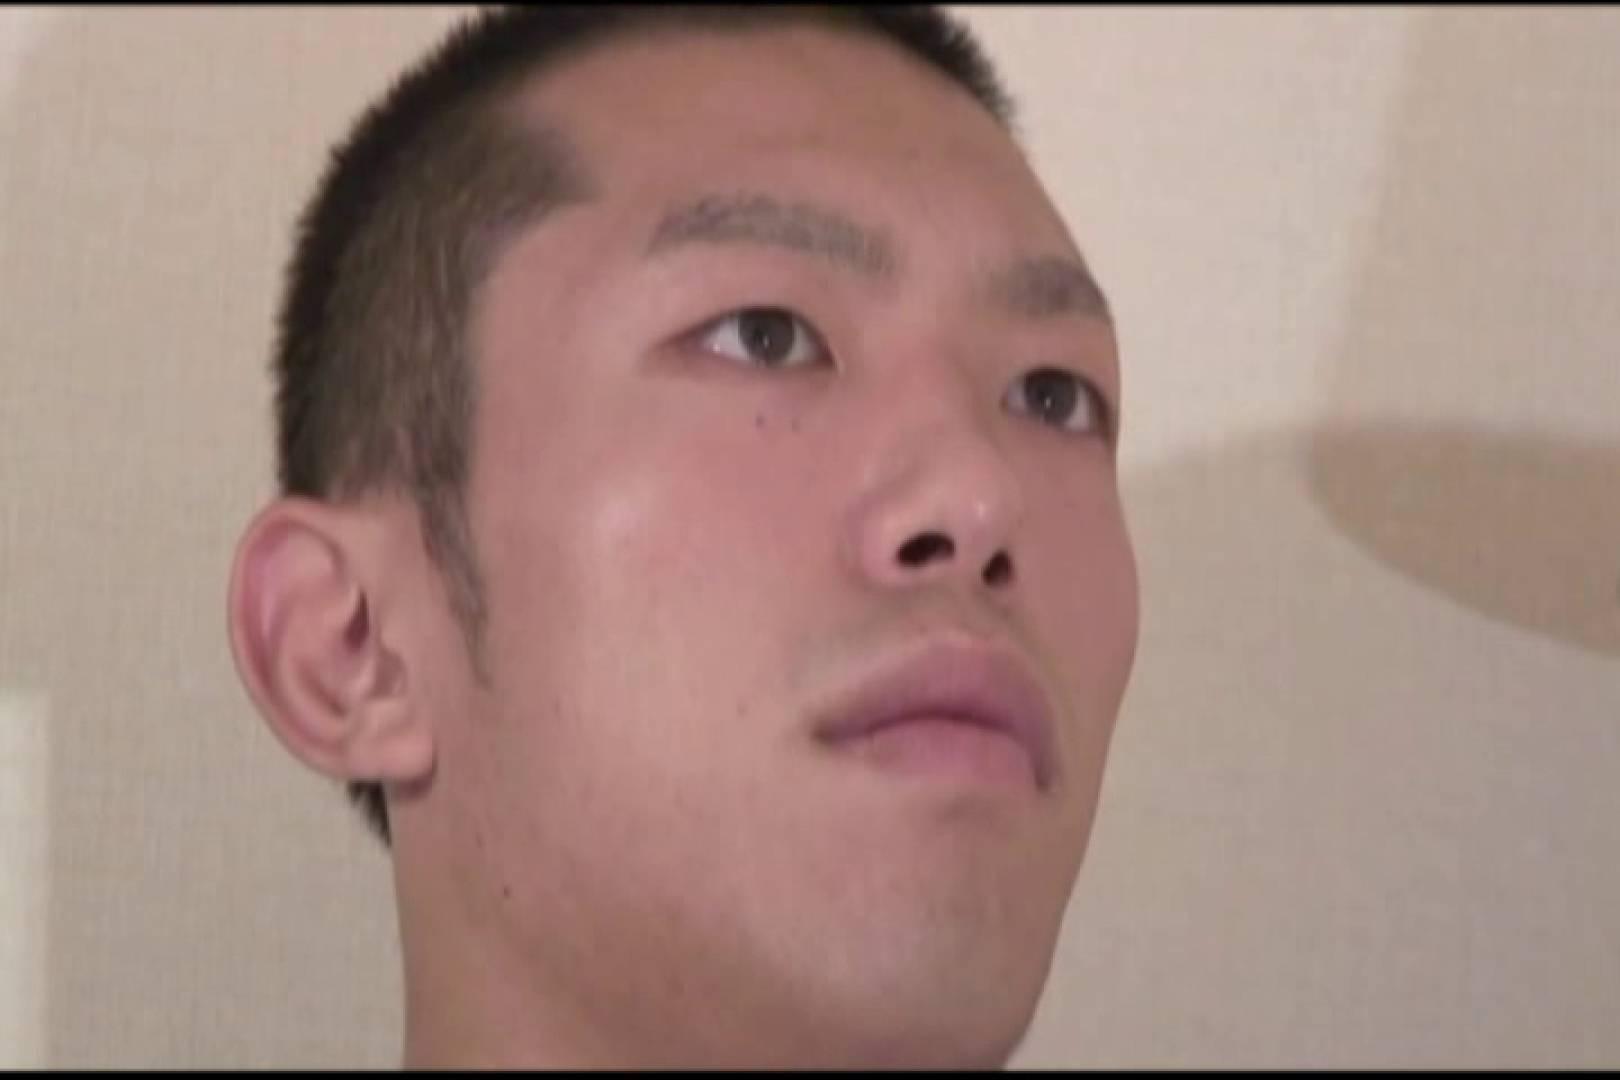 アナPさん投稿!目がパッチリなイケメンサル系男子の昇天劇。 完全無修正でお届け | イケメンのsex  107pic 66